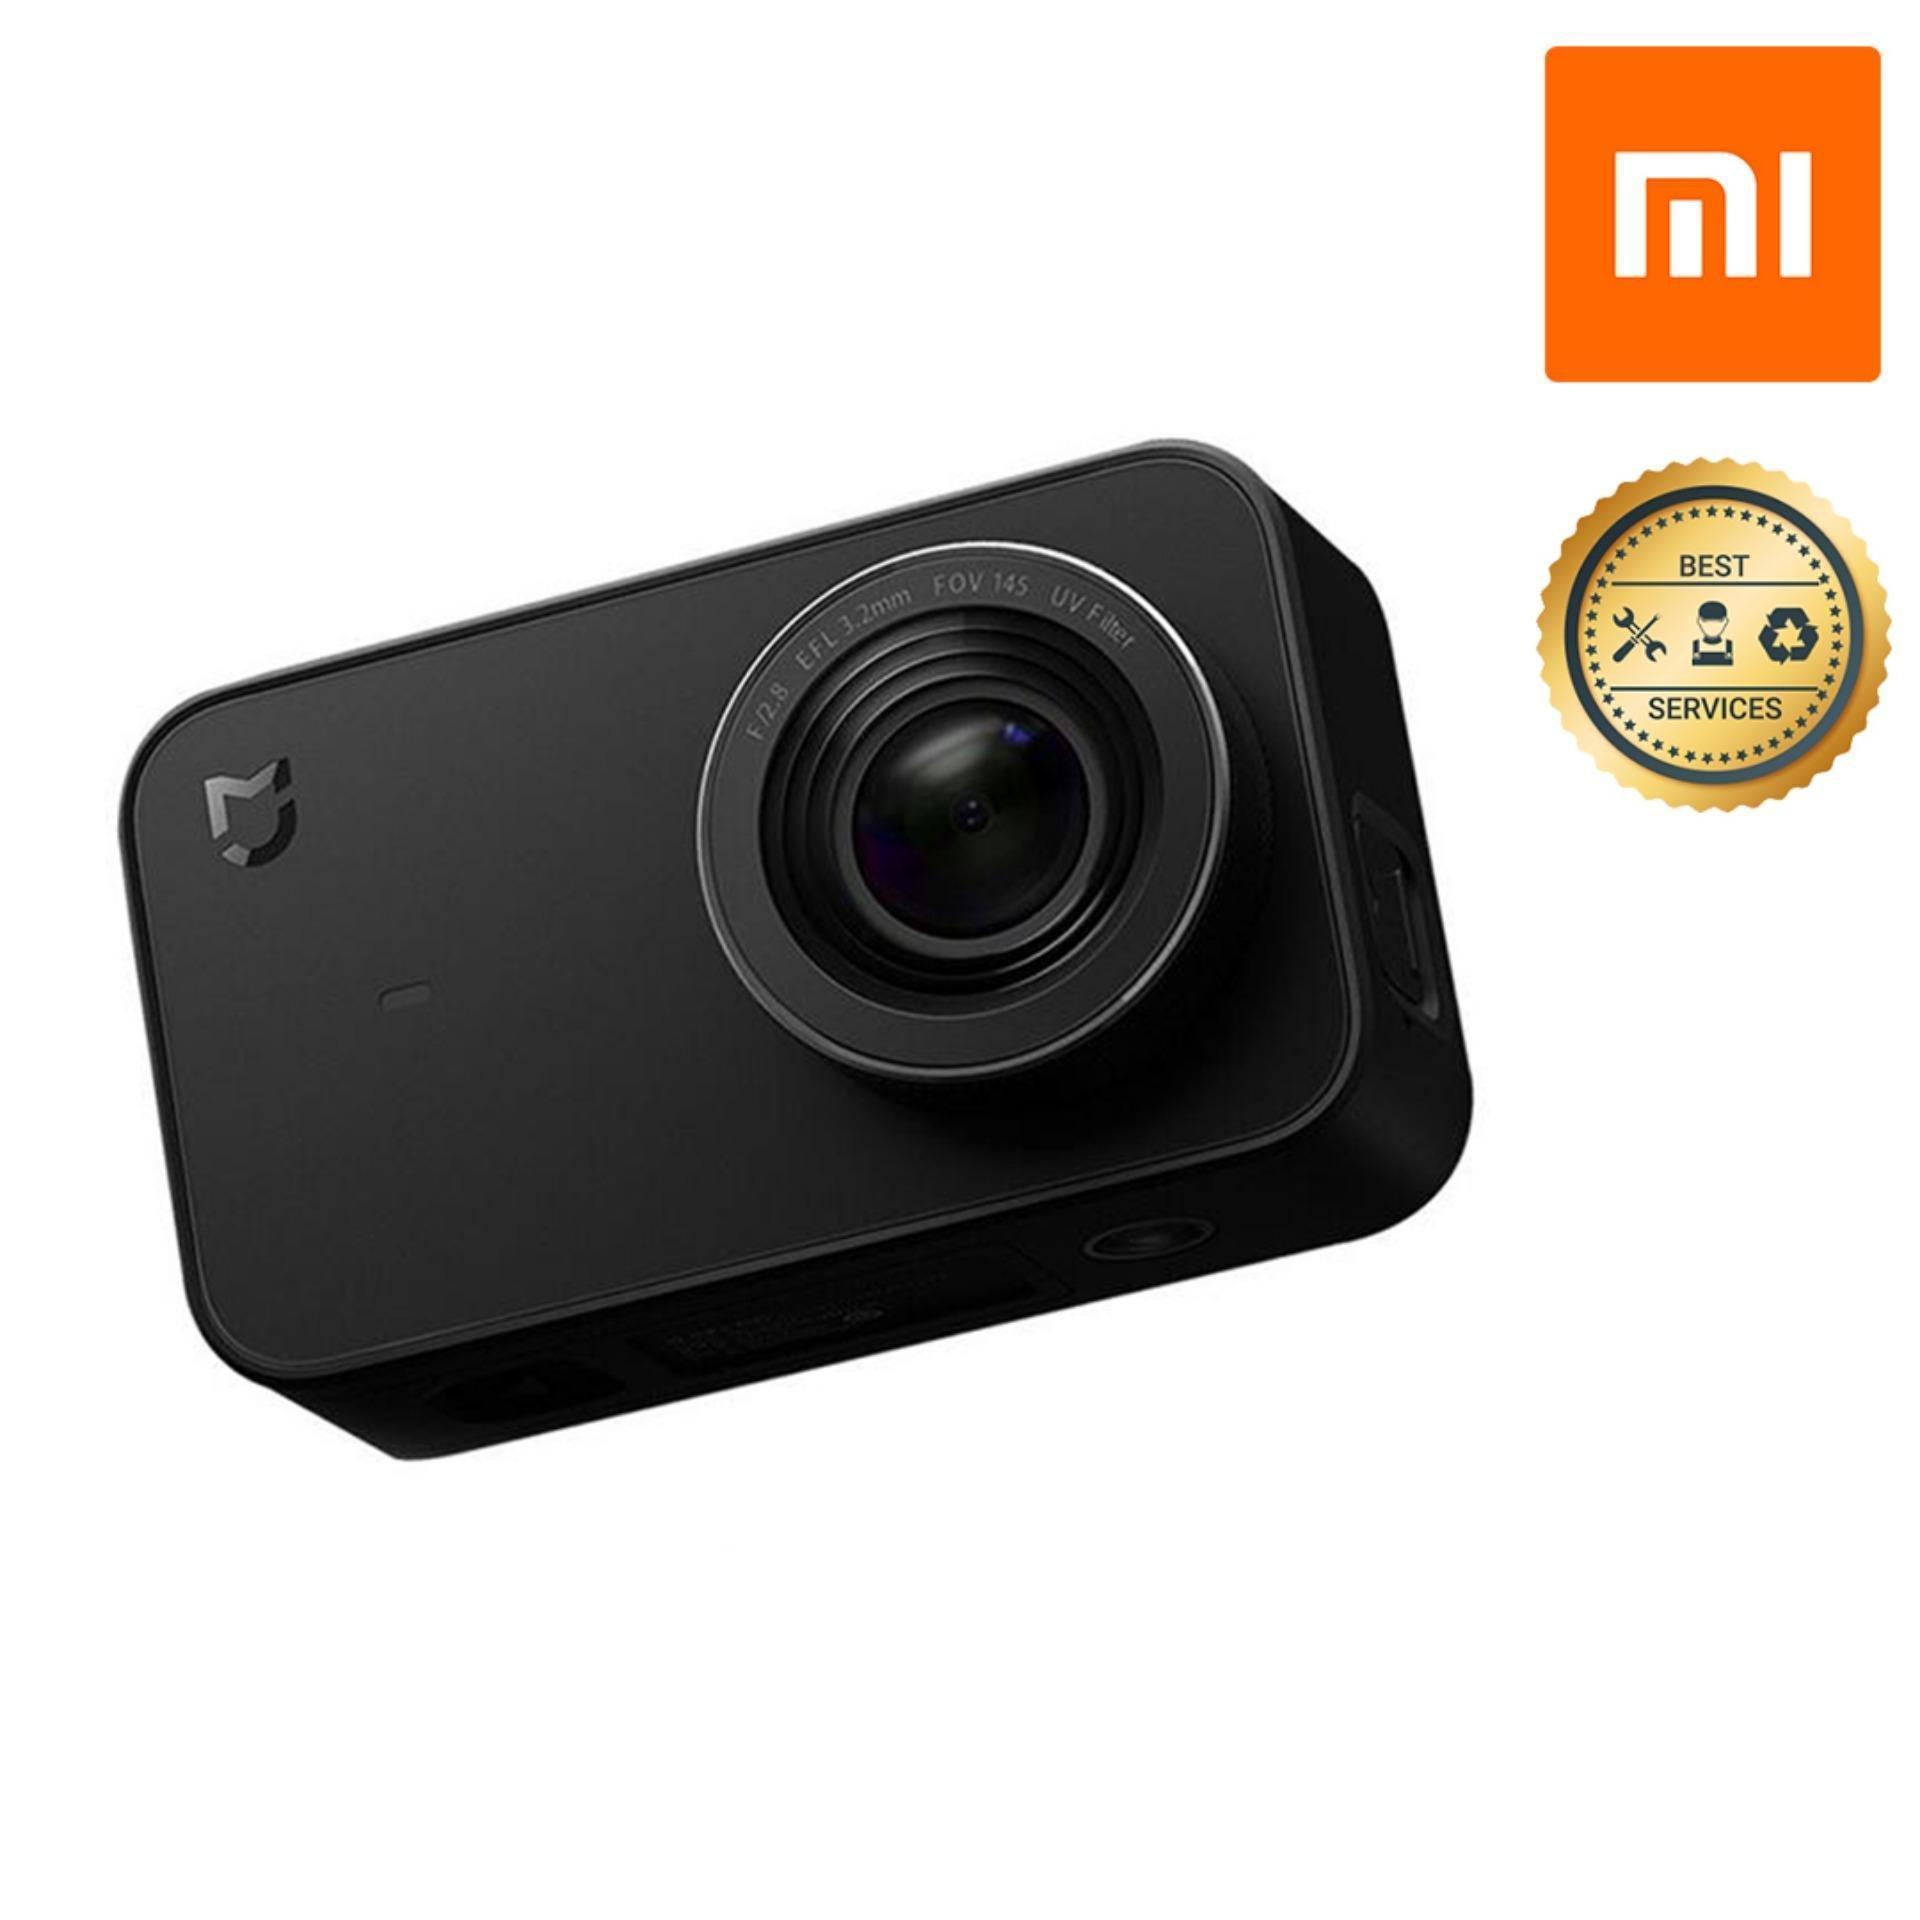 Giá Hot Duy Nhất tại Lazada Khi Mua Camera Hành Trình Xiaomi Mi Action Camera 4K-Hàng Chính Hãng Digi World - Bản Quốc Tế